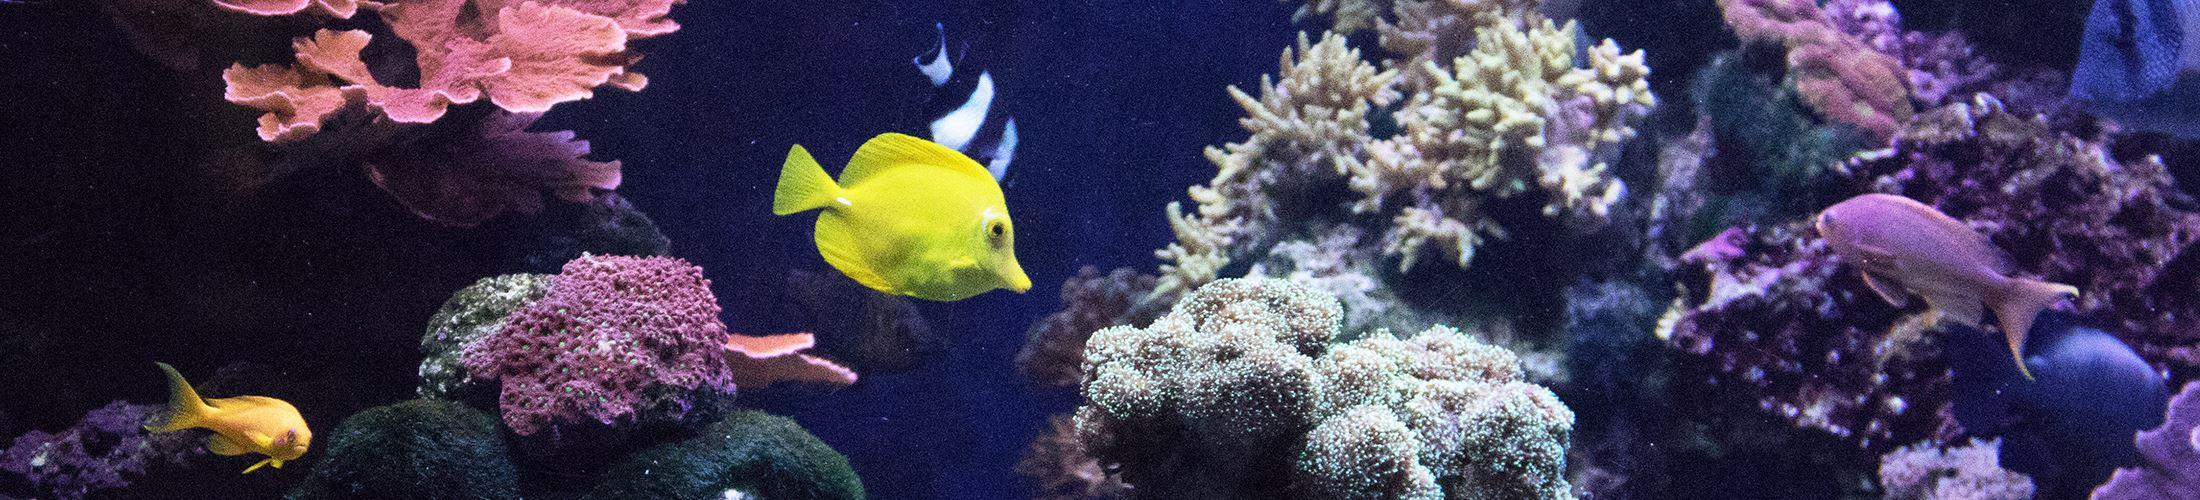 Tulsa Aquarium